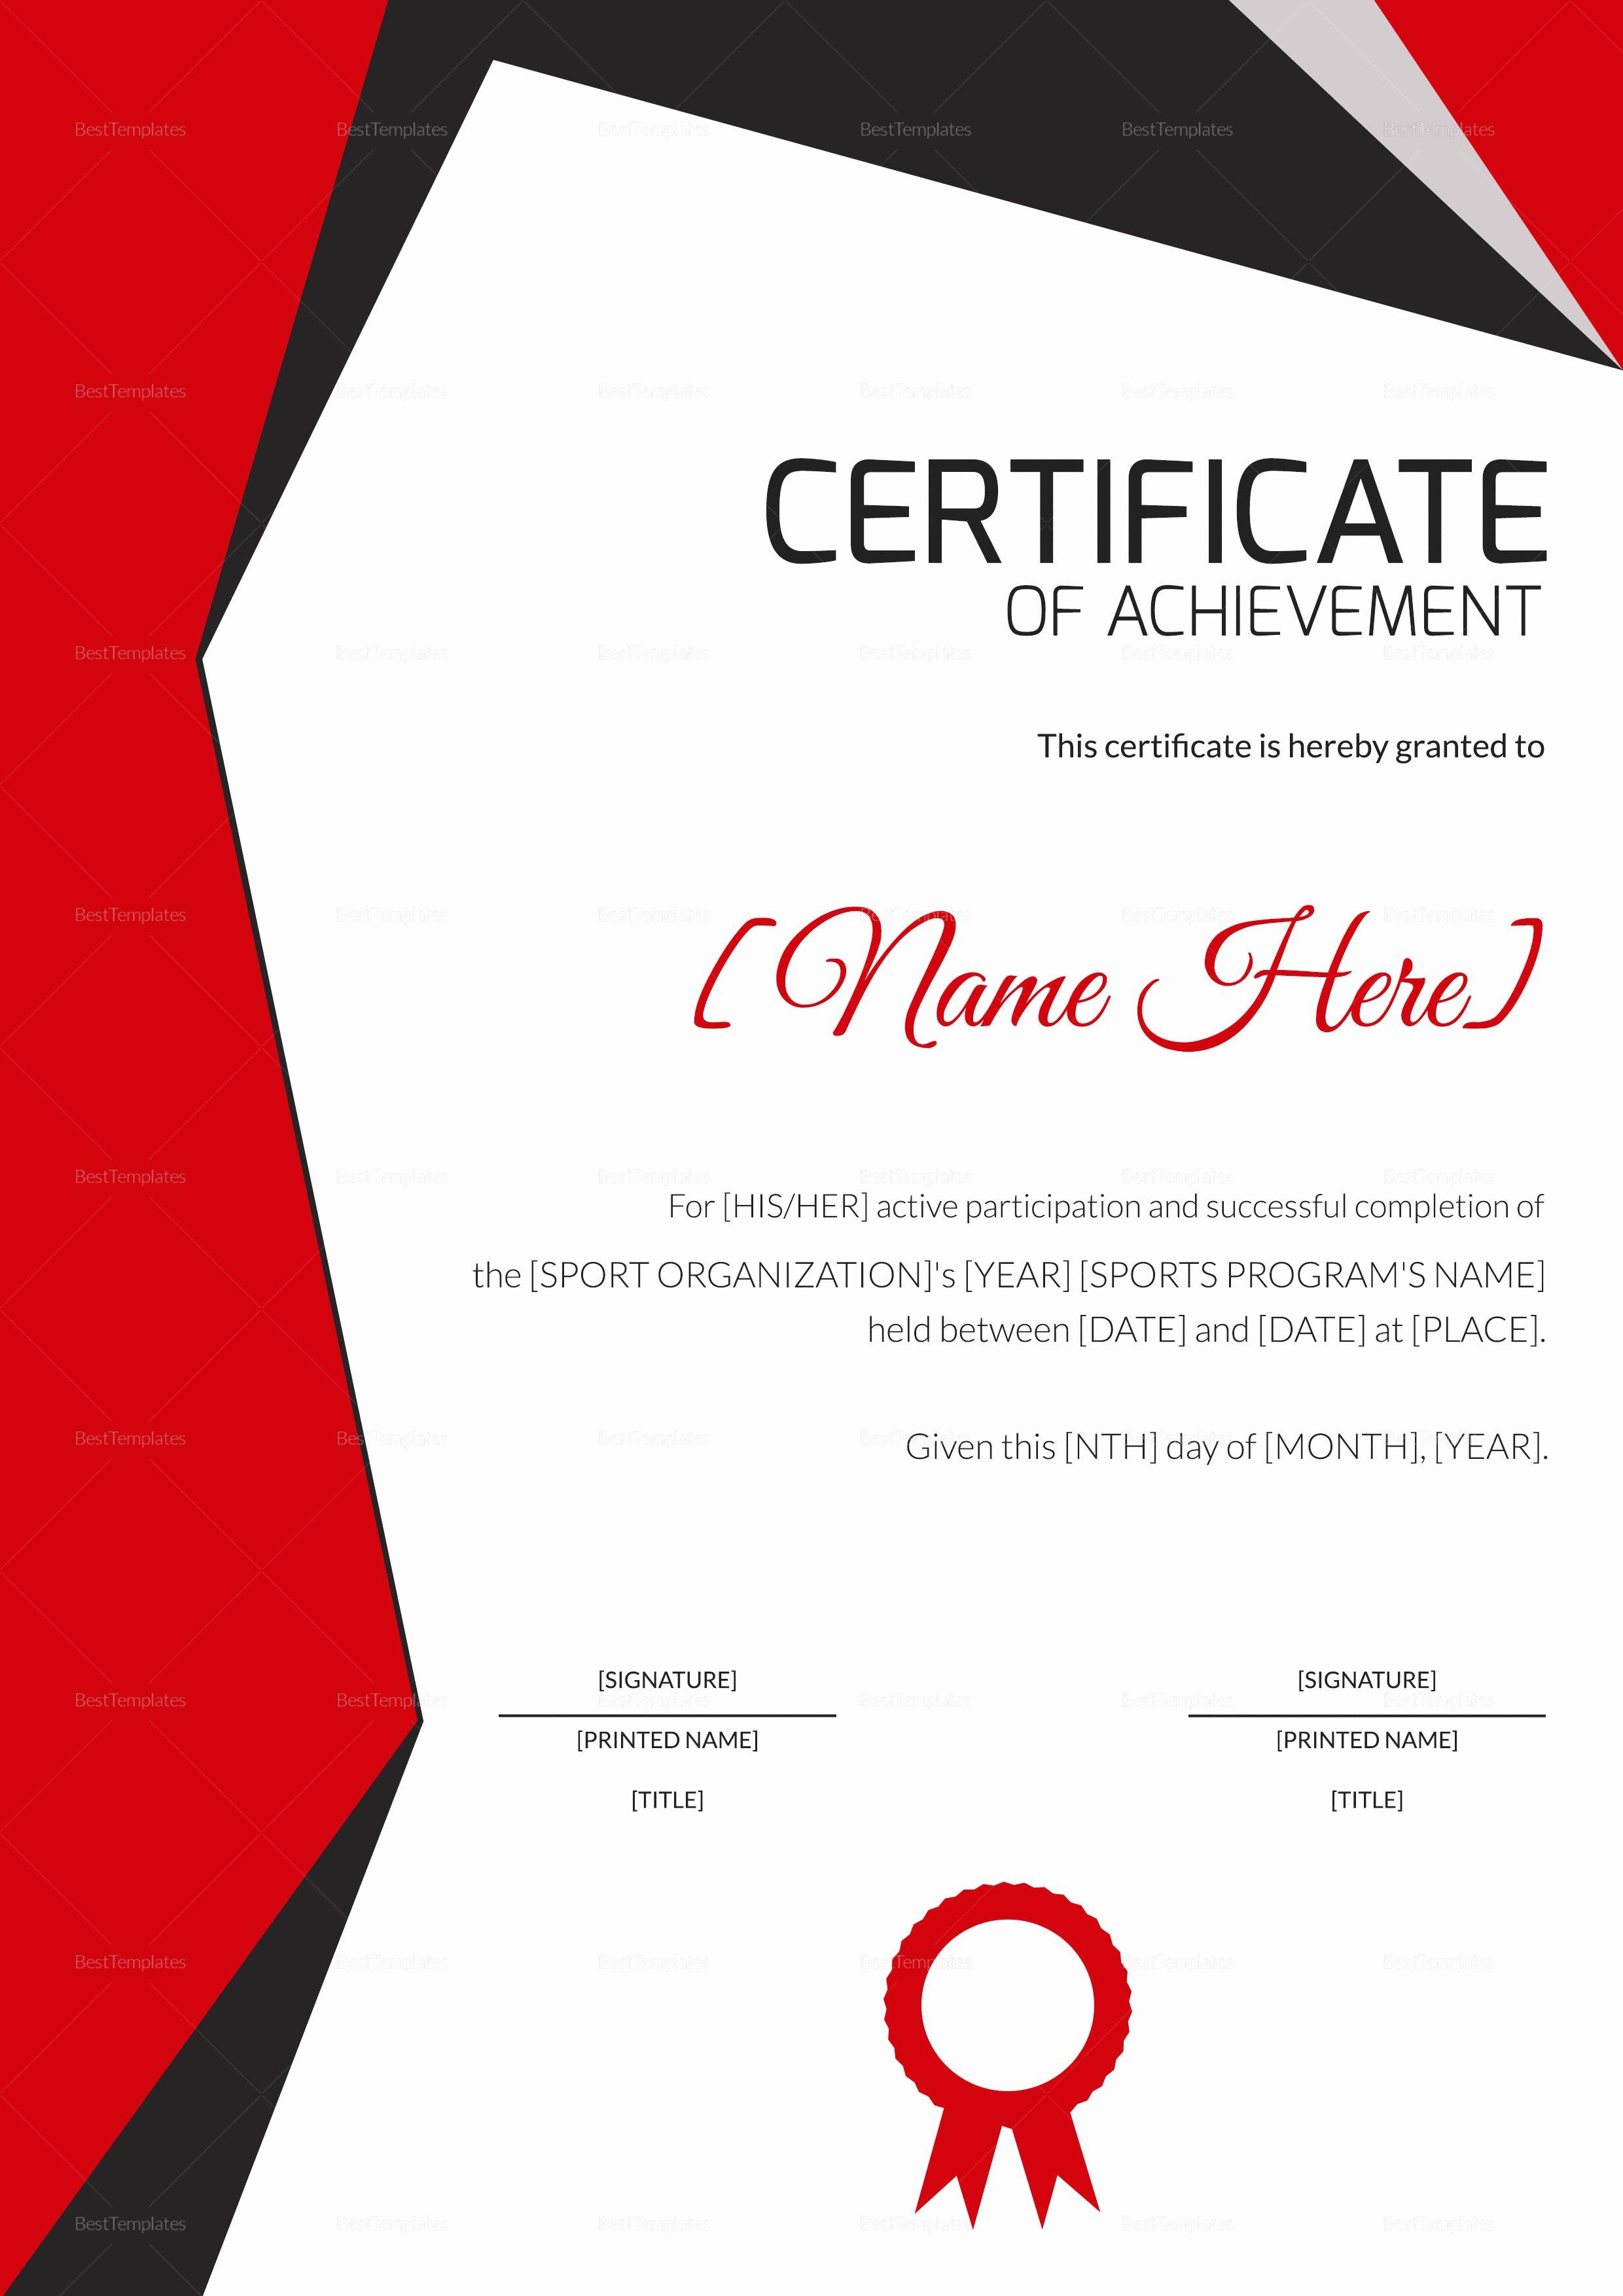 Sports Certificate Wording Beautiful Sports Achievement Award Certificate Design Template In